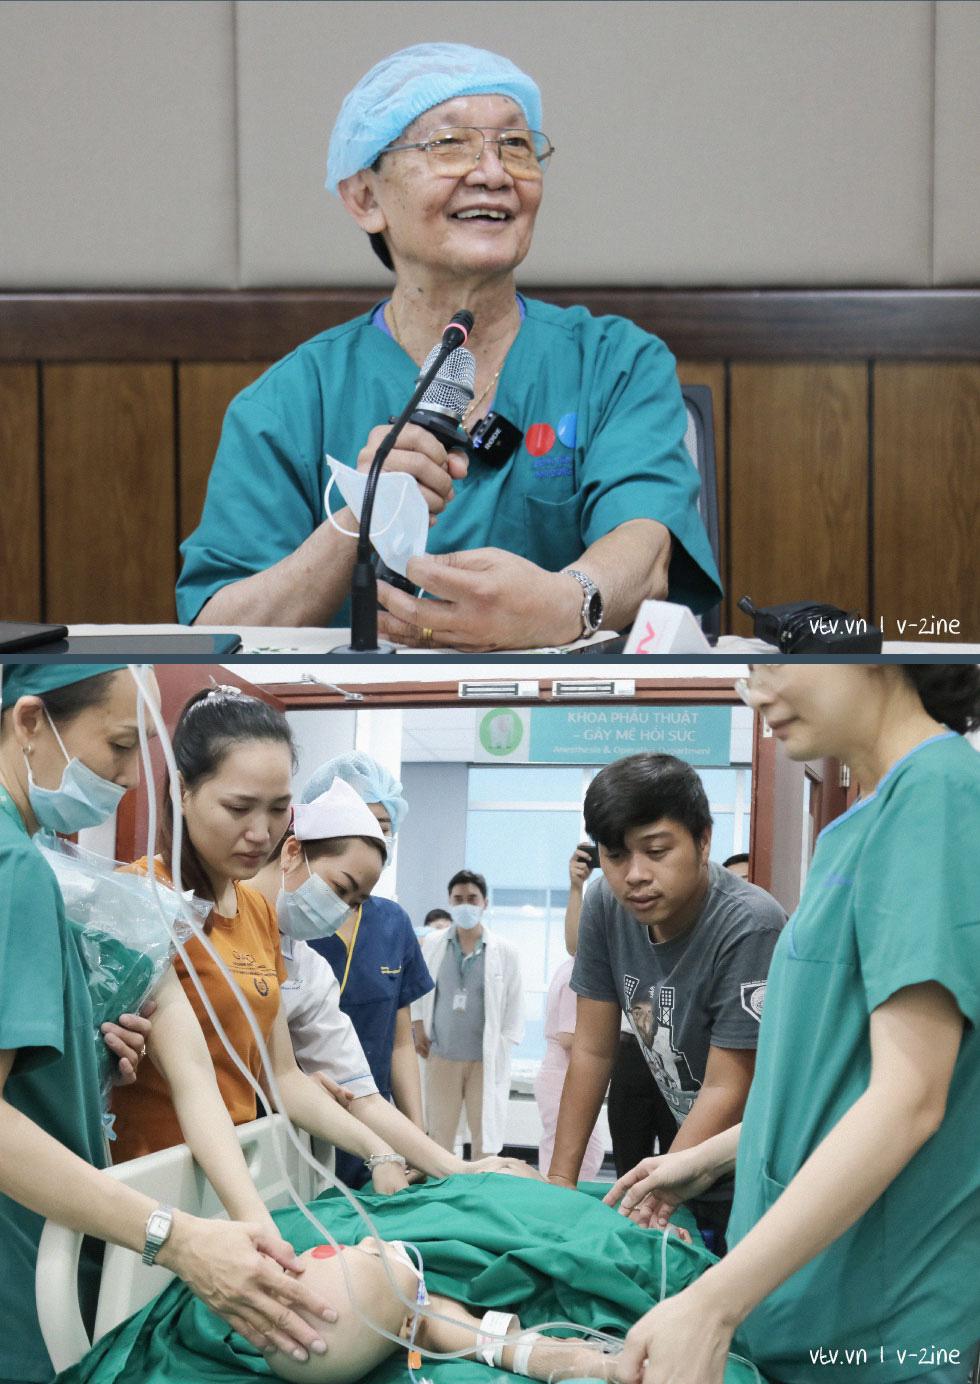 Từ kỳ tích Việt - Đức, Song Nhi đến ước mơ trẻ em ở đâu cũng được chăm sóc tốt nhất - Ảnh 15.